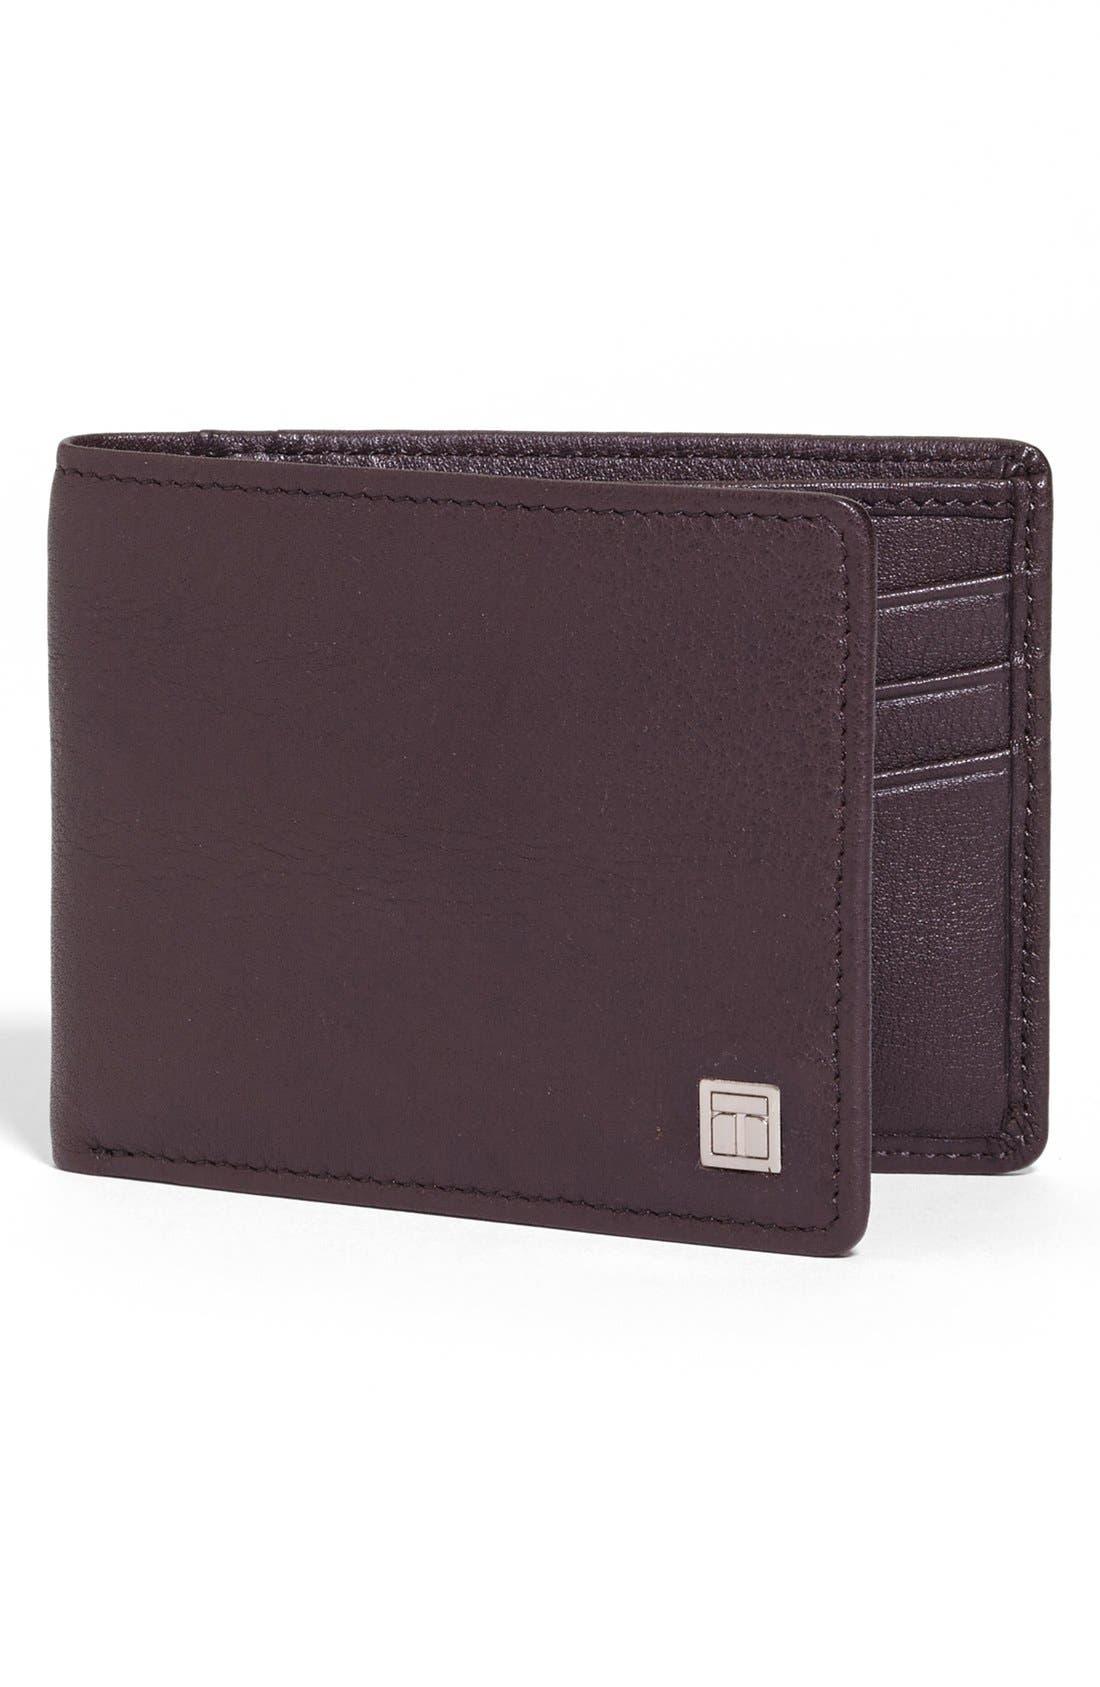 Main Image - Trafalgar 'Hyde Park' Wallet